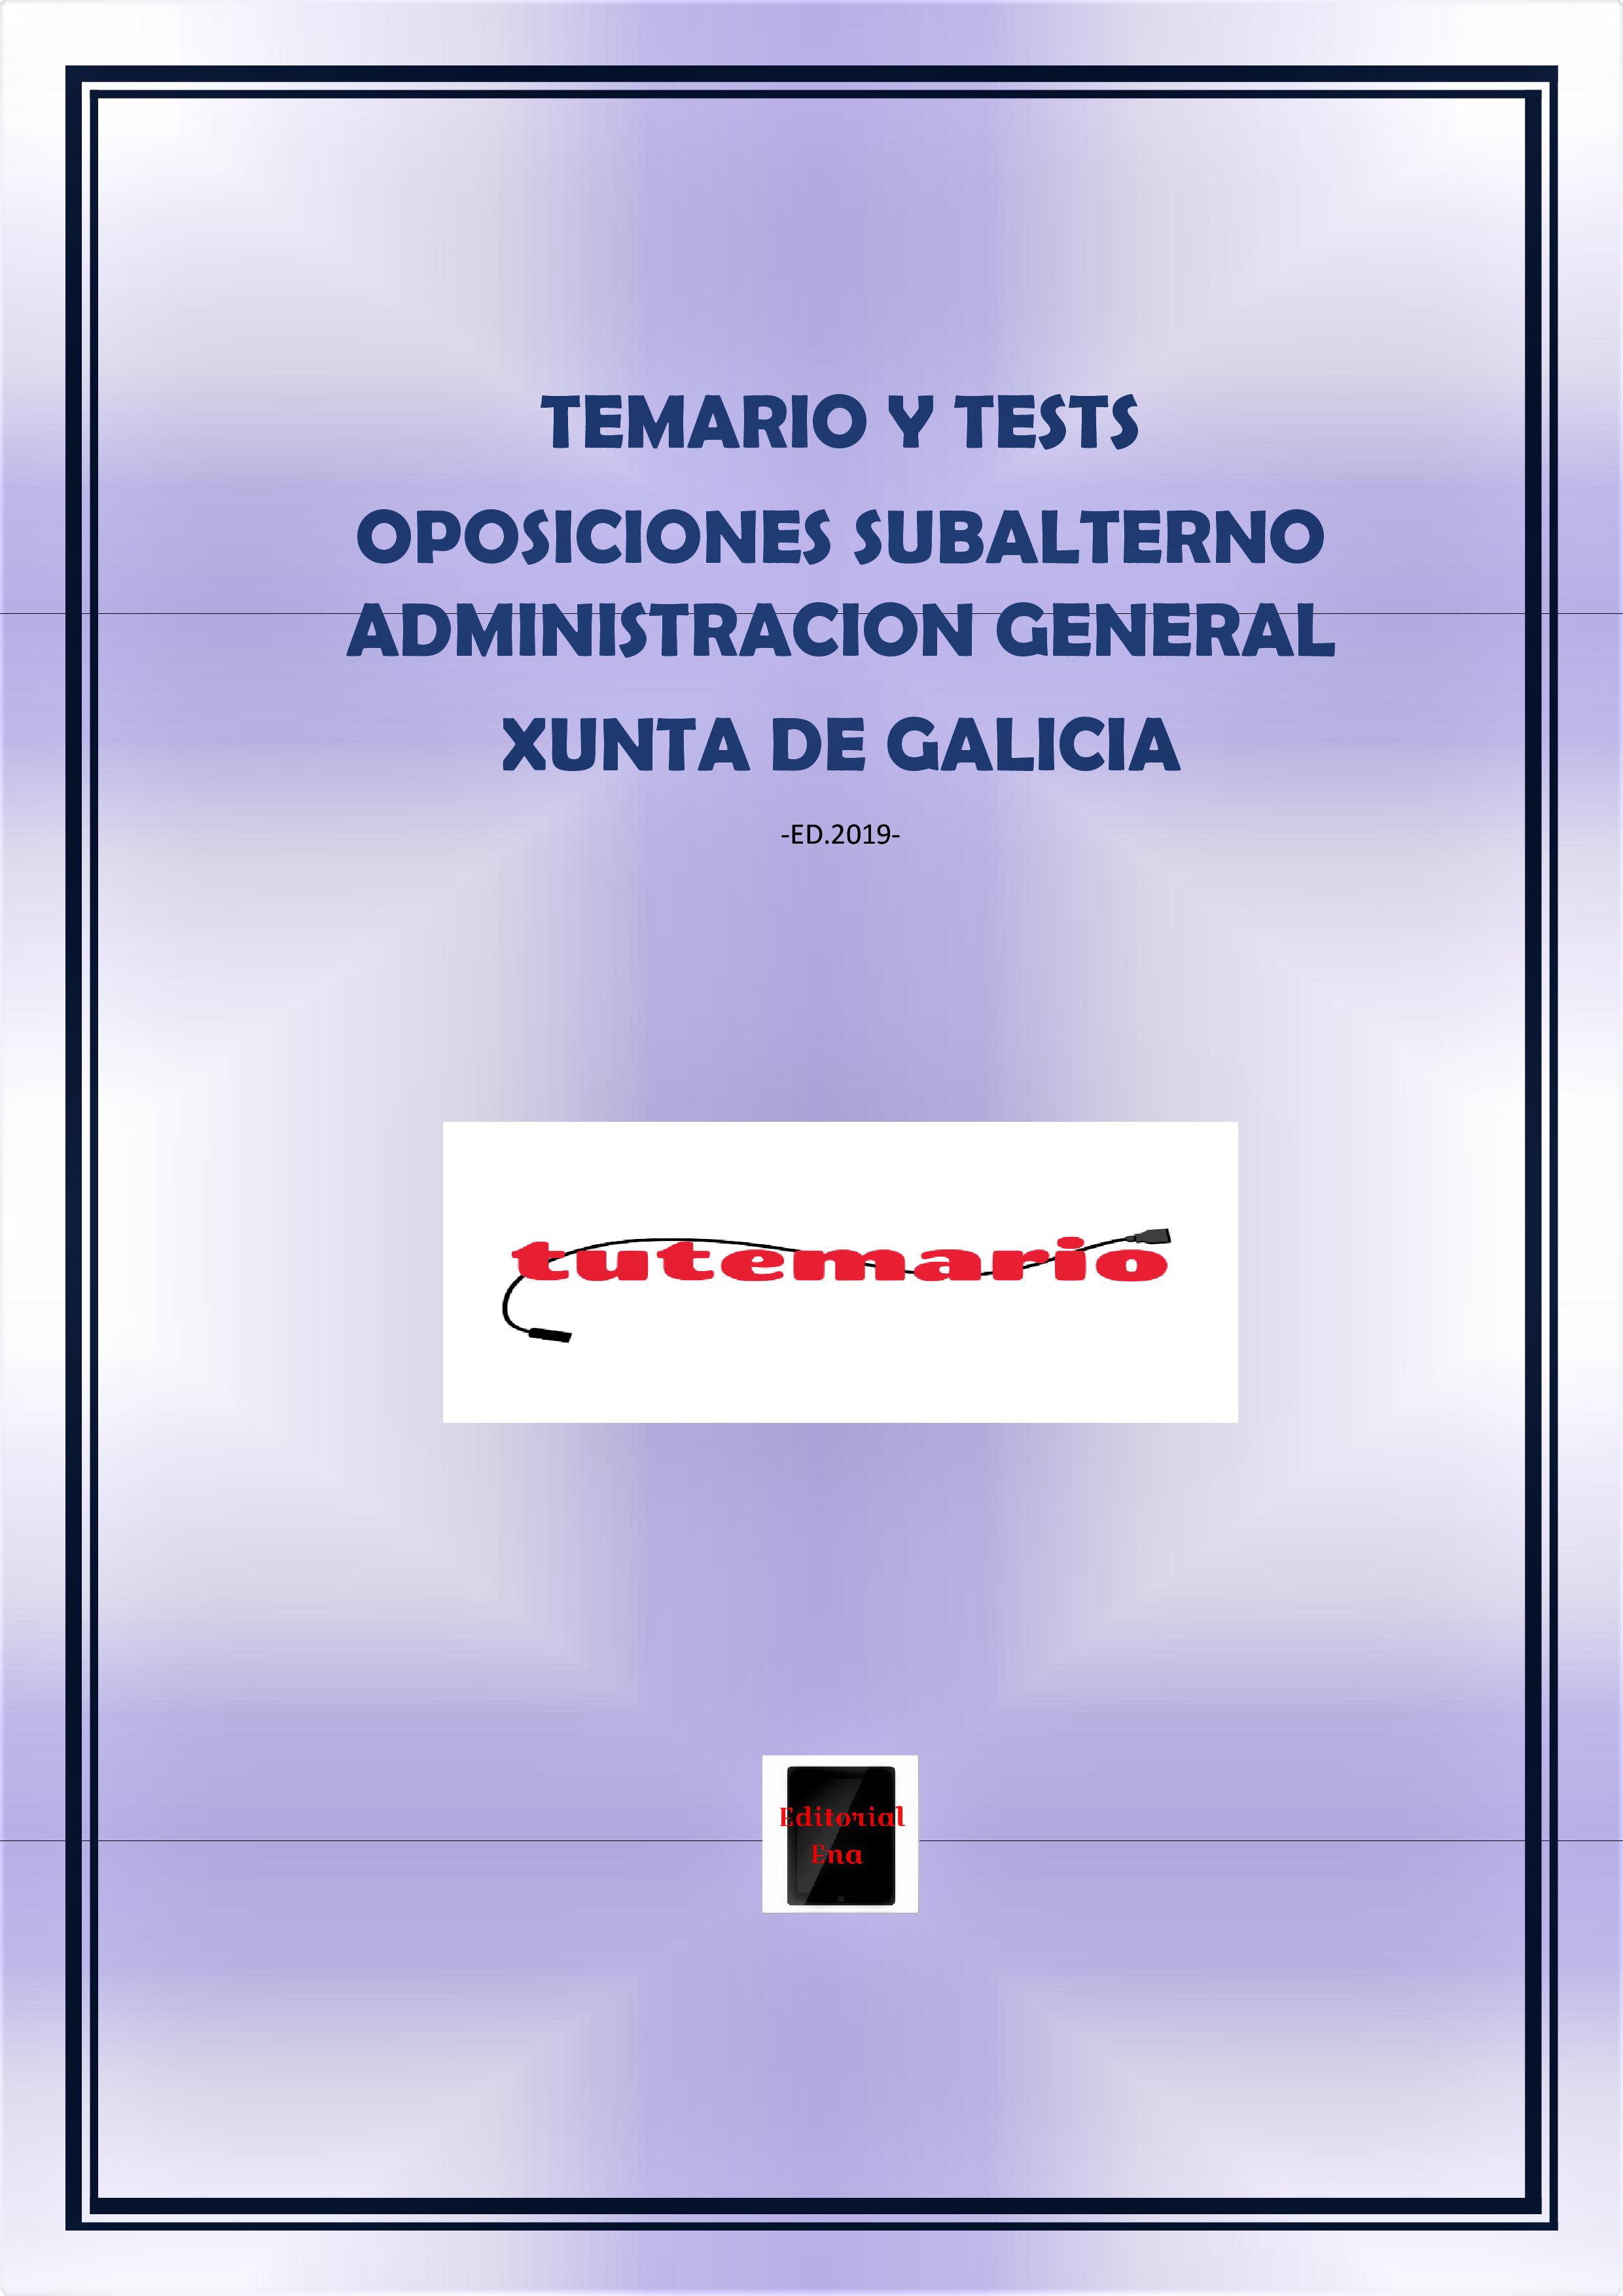 TEMARIO Y TESTS OPOSICIONES SUBALTERNO XUNTA DE GALICIA